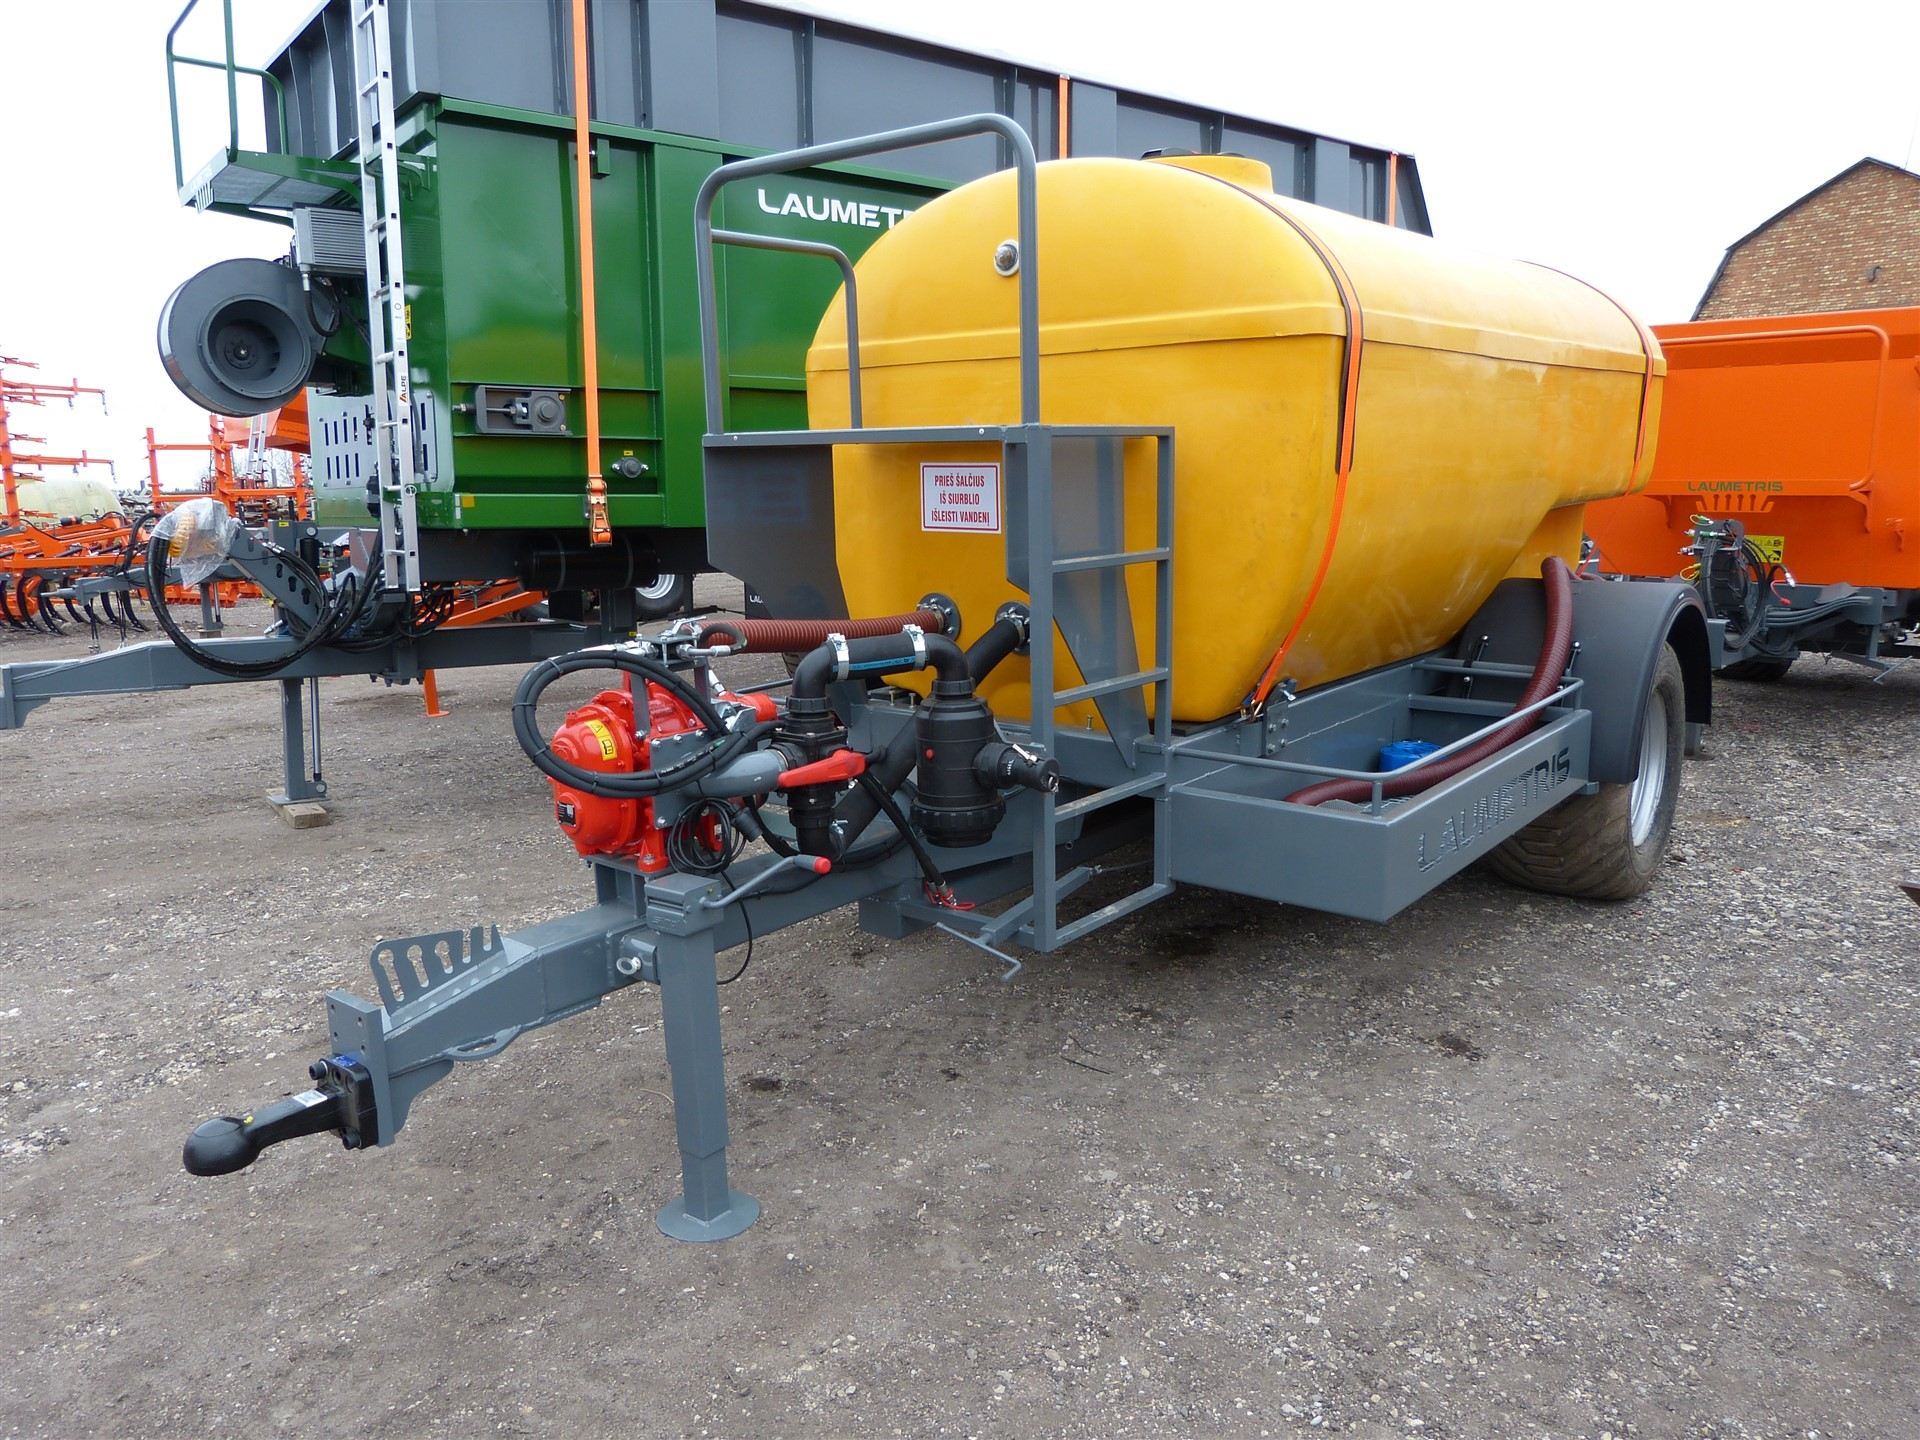 Cisterninė puspriekabė PTL-8V vandenvežis, Laumetris